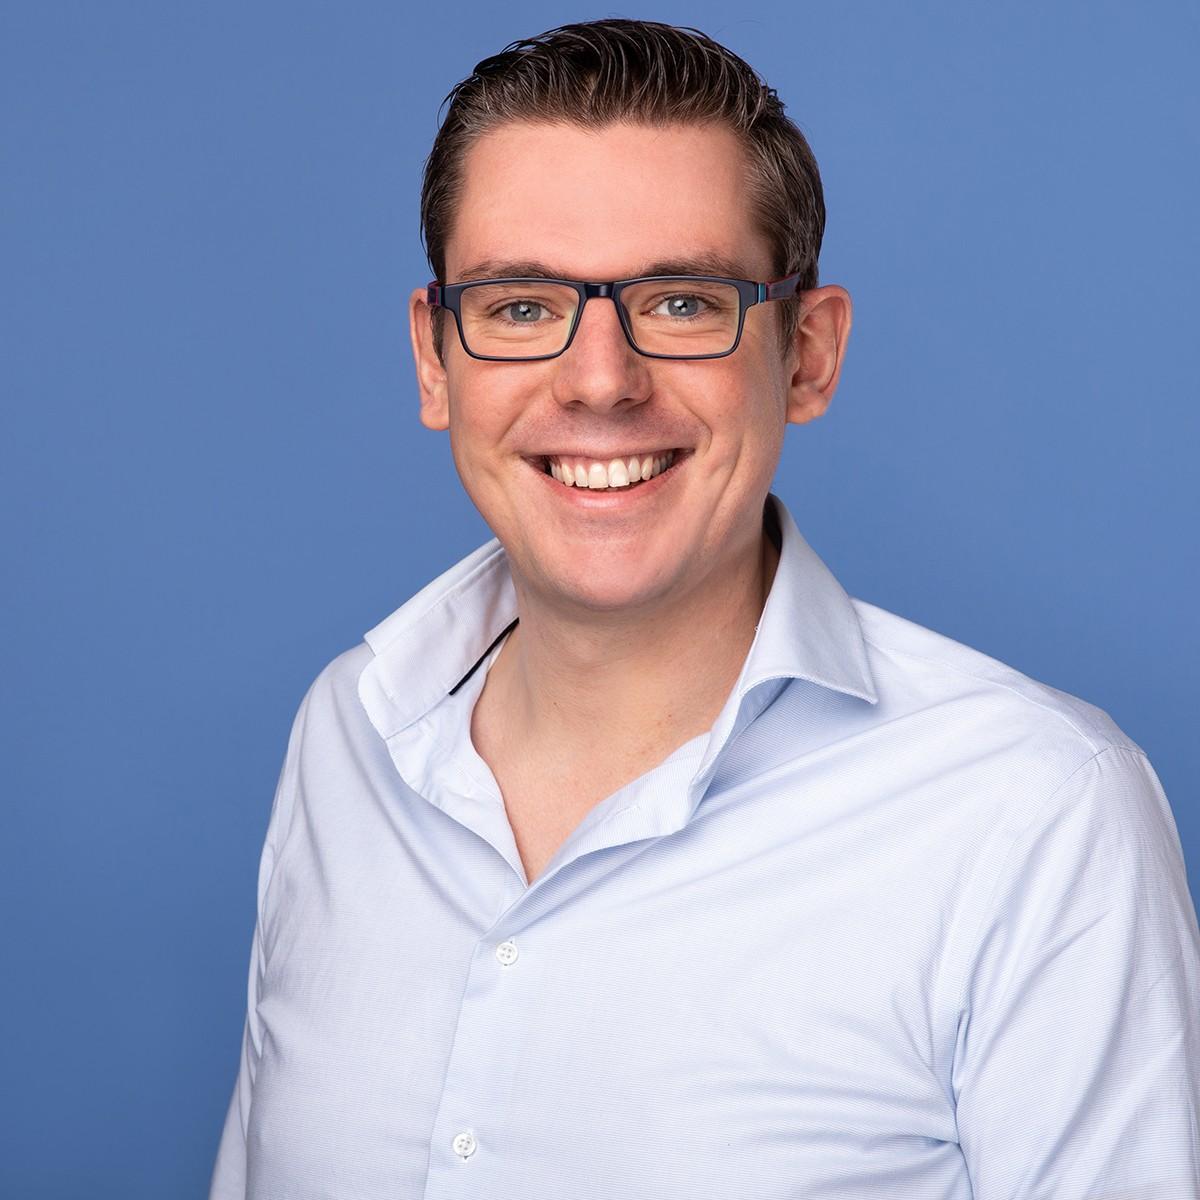 Jeroen Wolsink